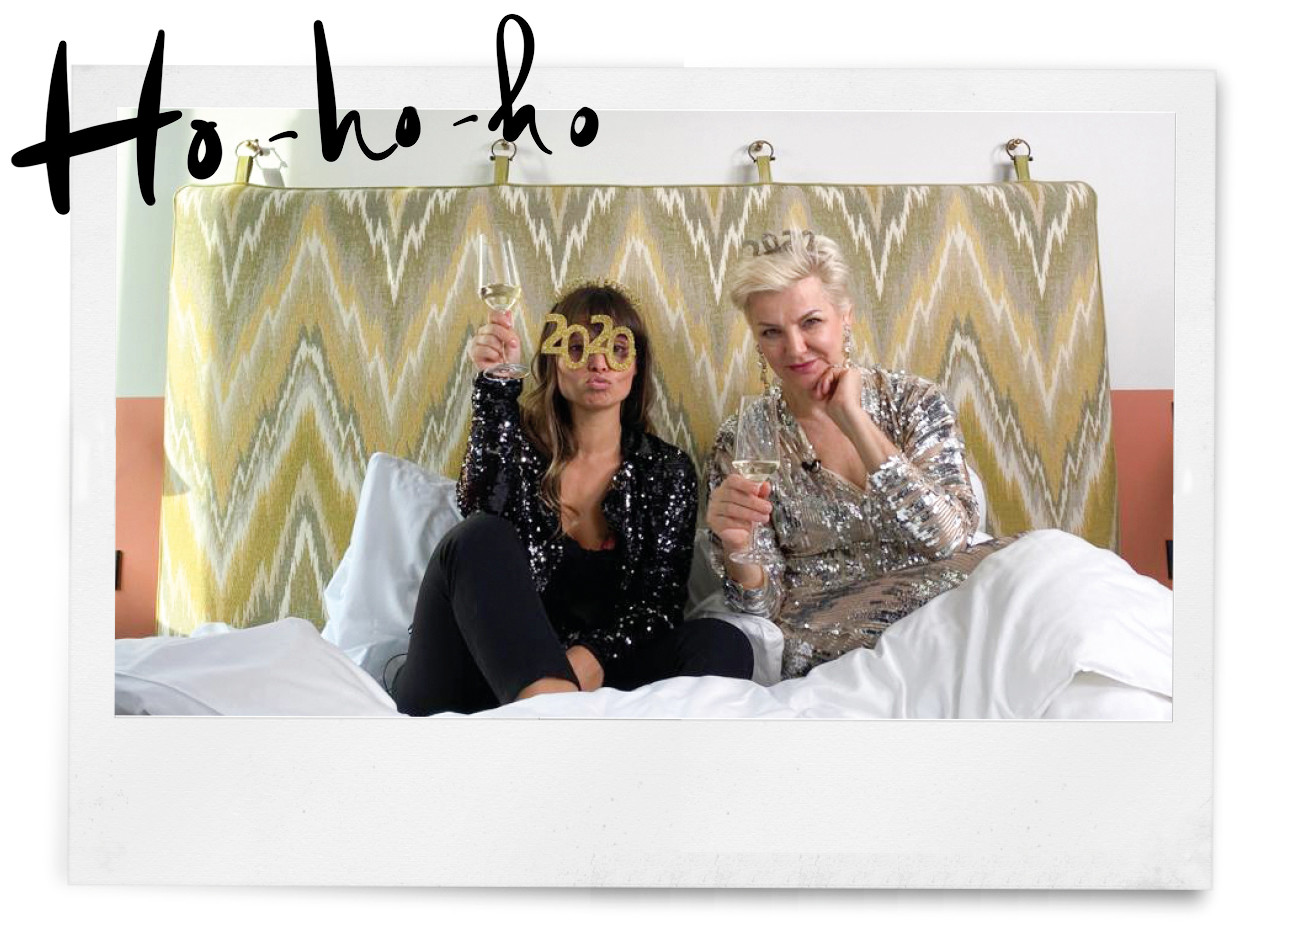 kik die met mariana verkerk in een glitteroutfit in bed ligt